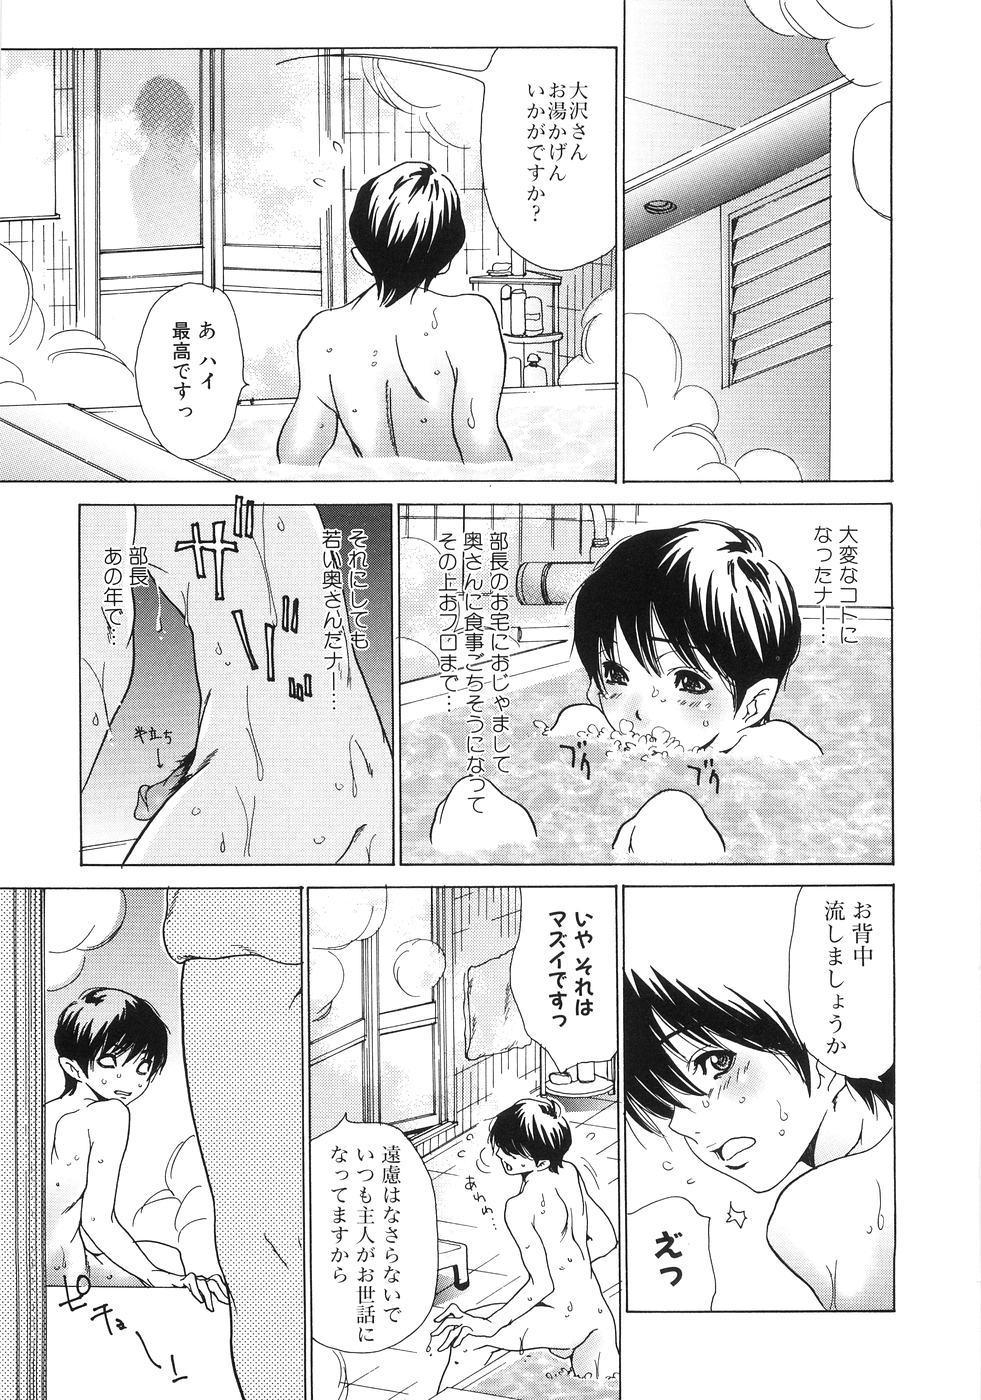 Onee-San No Hazukashiikoto 94